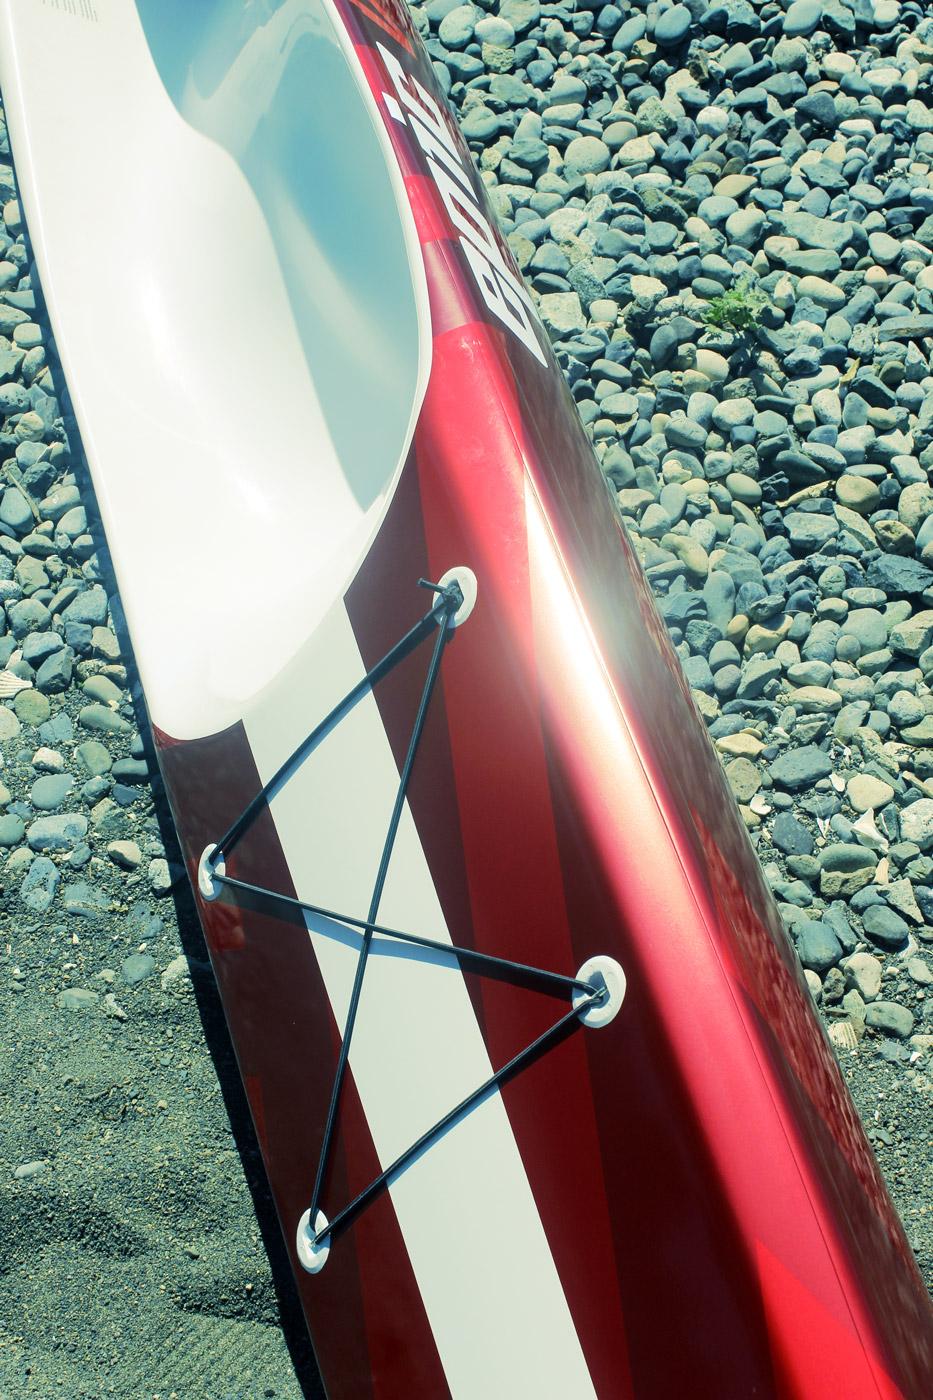 Epic-Matador-V12-Concept-Customer-Surfski-003.jpg